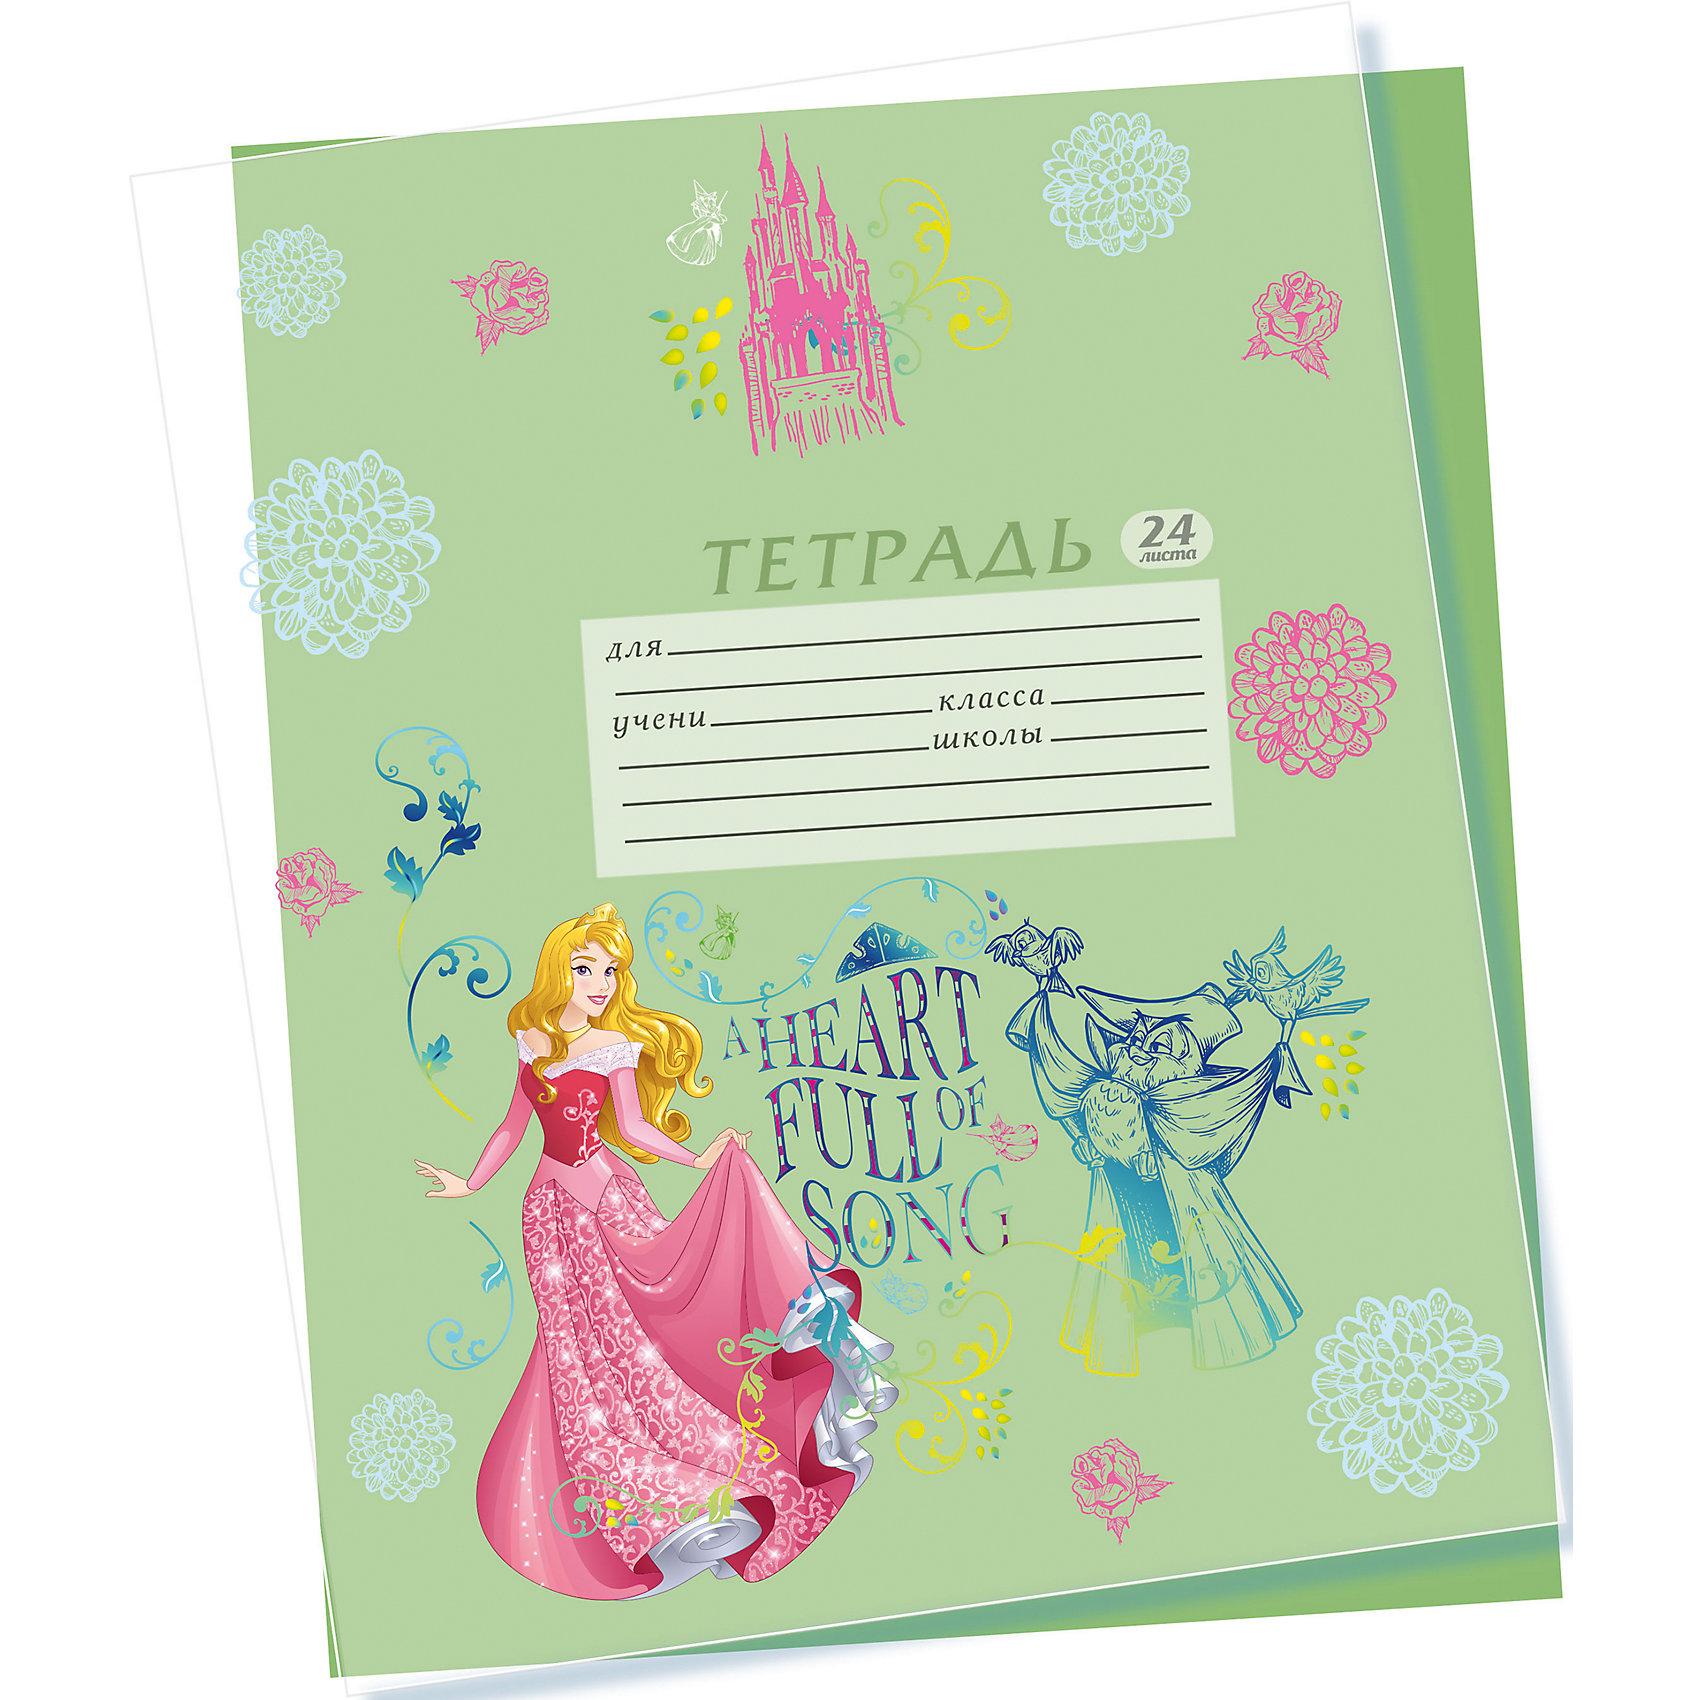 Обложки для тетрадей полипропиленовые, 5 шт., Принцессы ДиснейШкольные аксессуары<br>Набор обложек для тетрадей, Принцессы Дисней, поможет сохранить тетради маленькой школьницы в чистоте и аккуратности. В комплекте 5 прозрачных обложек, украшенных изображениями волшебных принцесс из диснеевских мультфильмов-сказок.<br><br><br>Дополнительная информация:<br><br>- В комплекте: 5 шт.<br>- Материал: полипропилен.<br>- Размер упаковки: 21,2 х 1 х 35 см.    <br>- Вес: 70 гр.<br><br>Обложки для тетрадей полипропиленовые, 5 шт., Принцессы Дисней, можно купить в нашем интернет-магазине.<br><br>Ширина мм: 212<br>Глубина мм: 35<br>Высота мм: 10<br>Вес г: 70<br>Возраст от месяцев: 60<br>Возраст до месяцев: 84<br>Пол: Женский<br>Возраст: Детский<br>SKU: 4681089